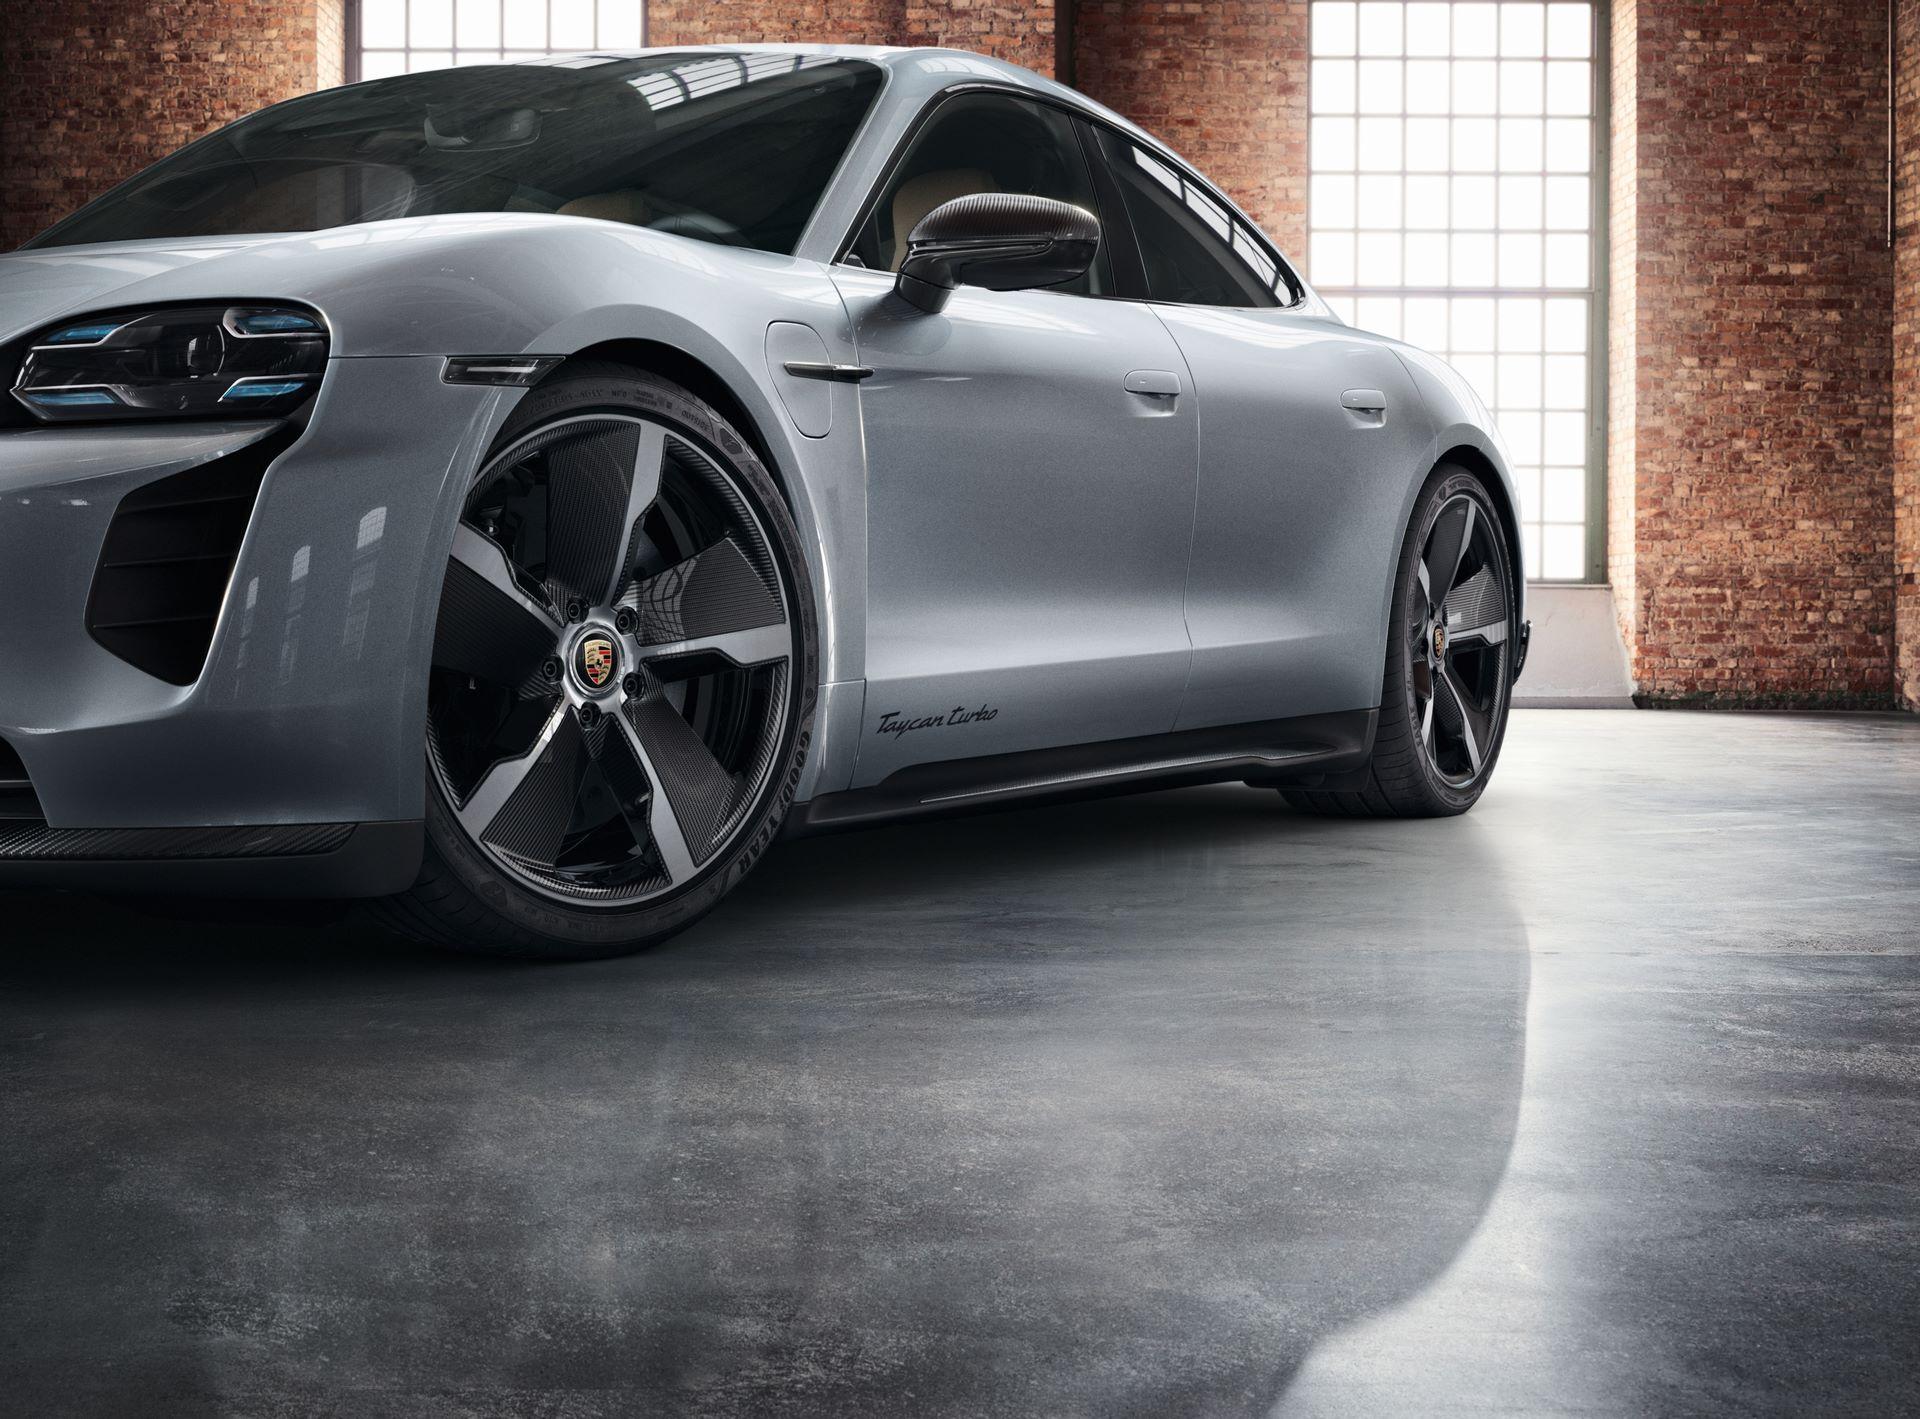 Porsche-Taycan-by-Porsche-Exclusive-Manufaktur-3